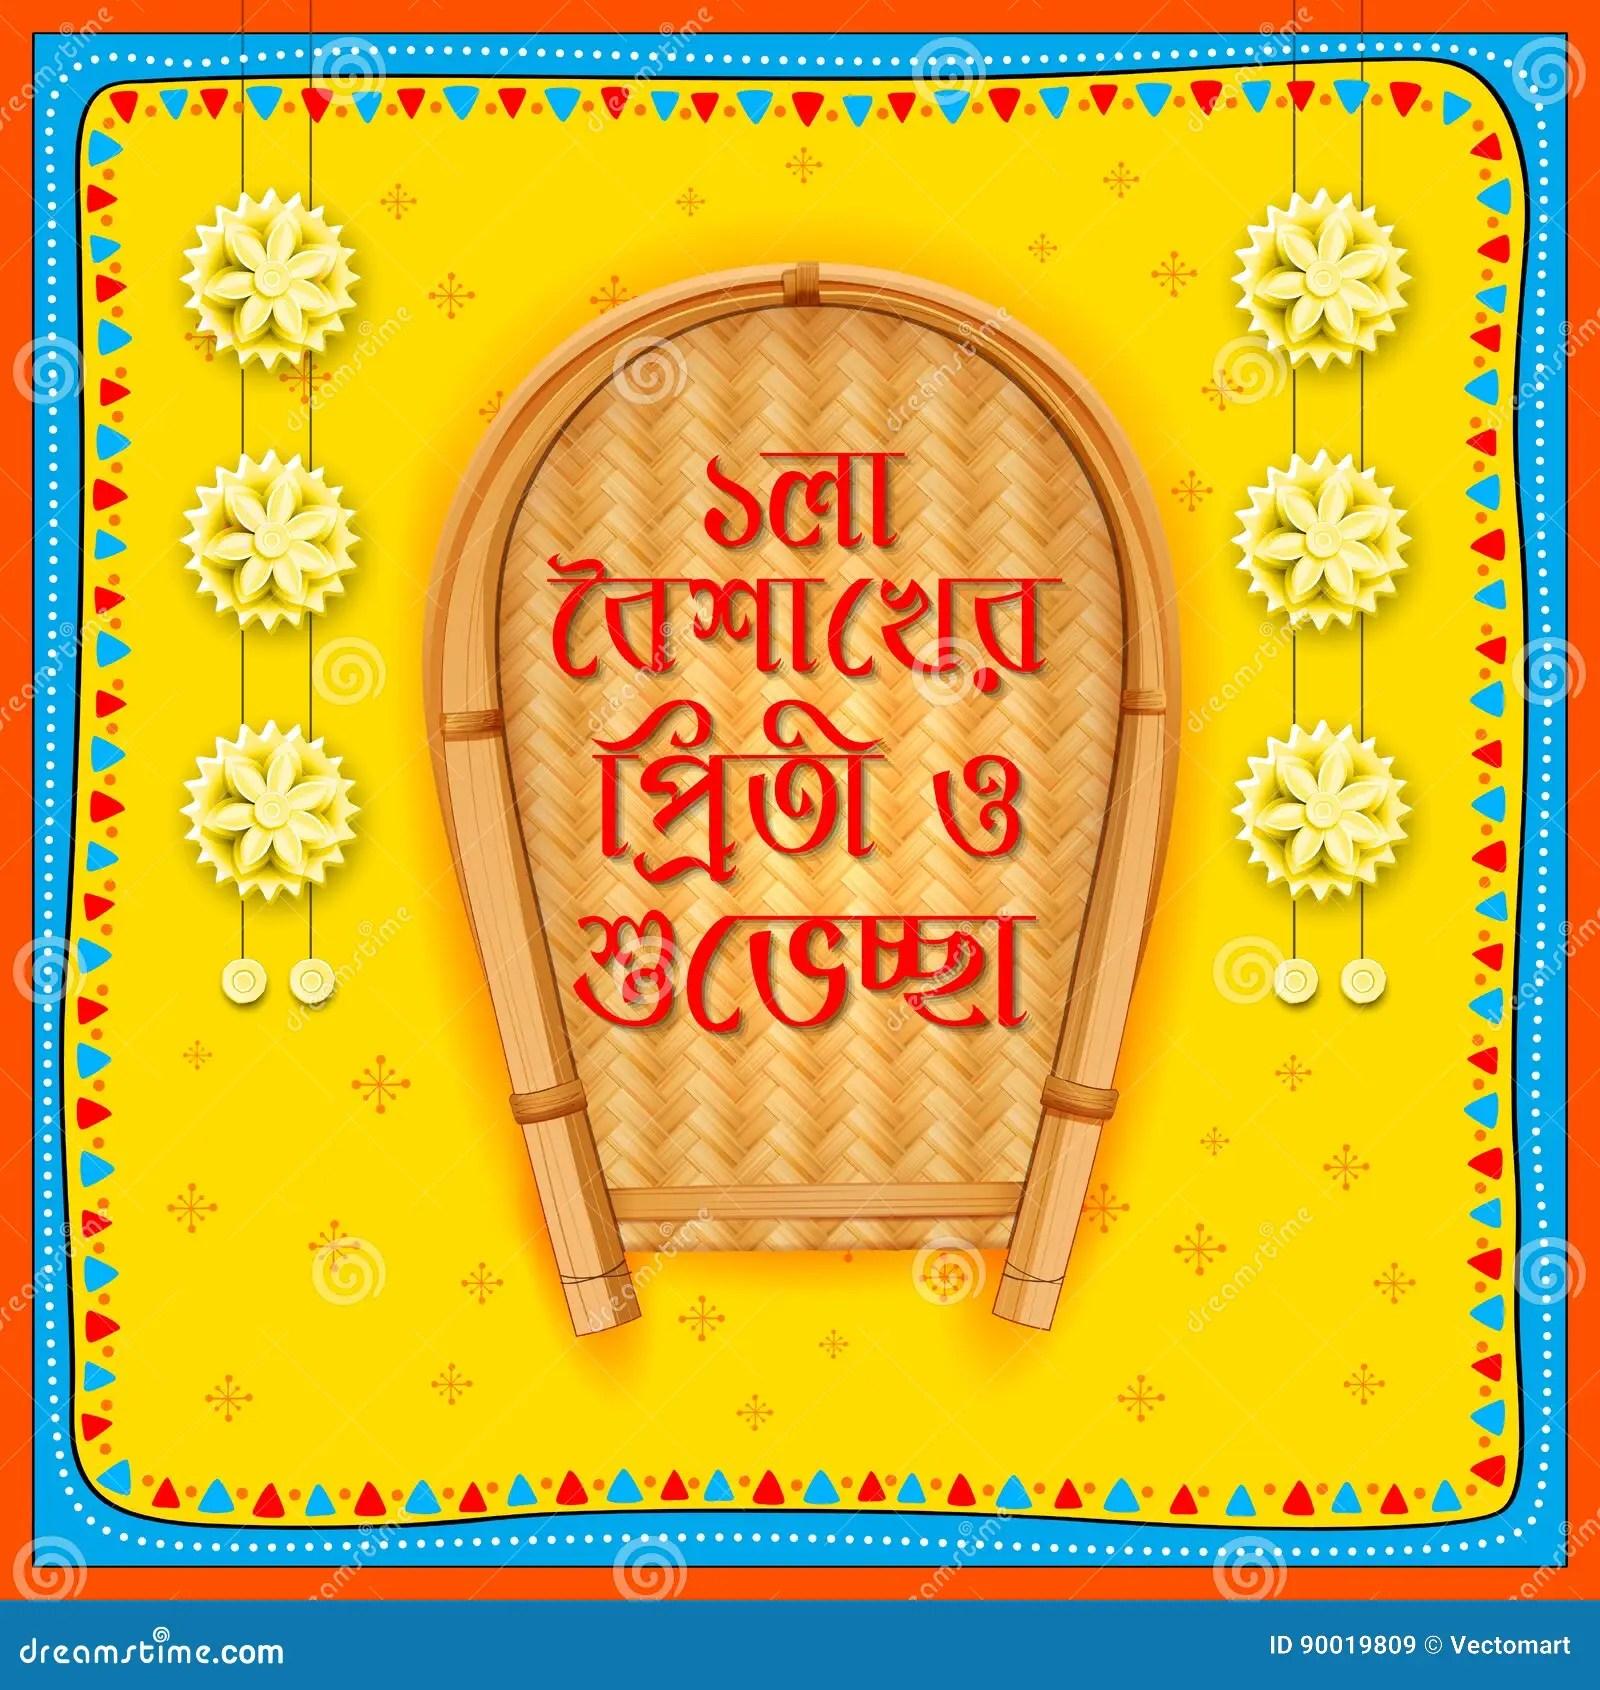 Greeting Background With Bengali Text Subho Nababarsha